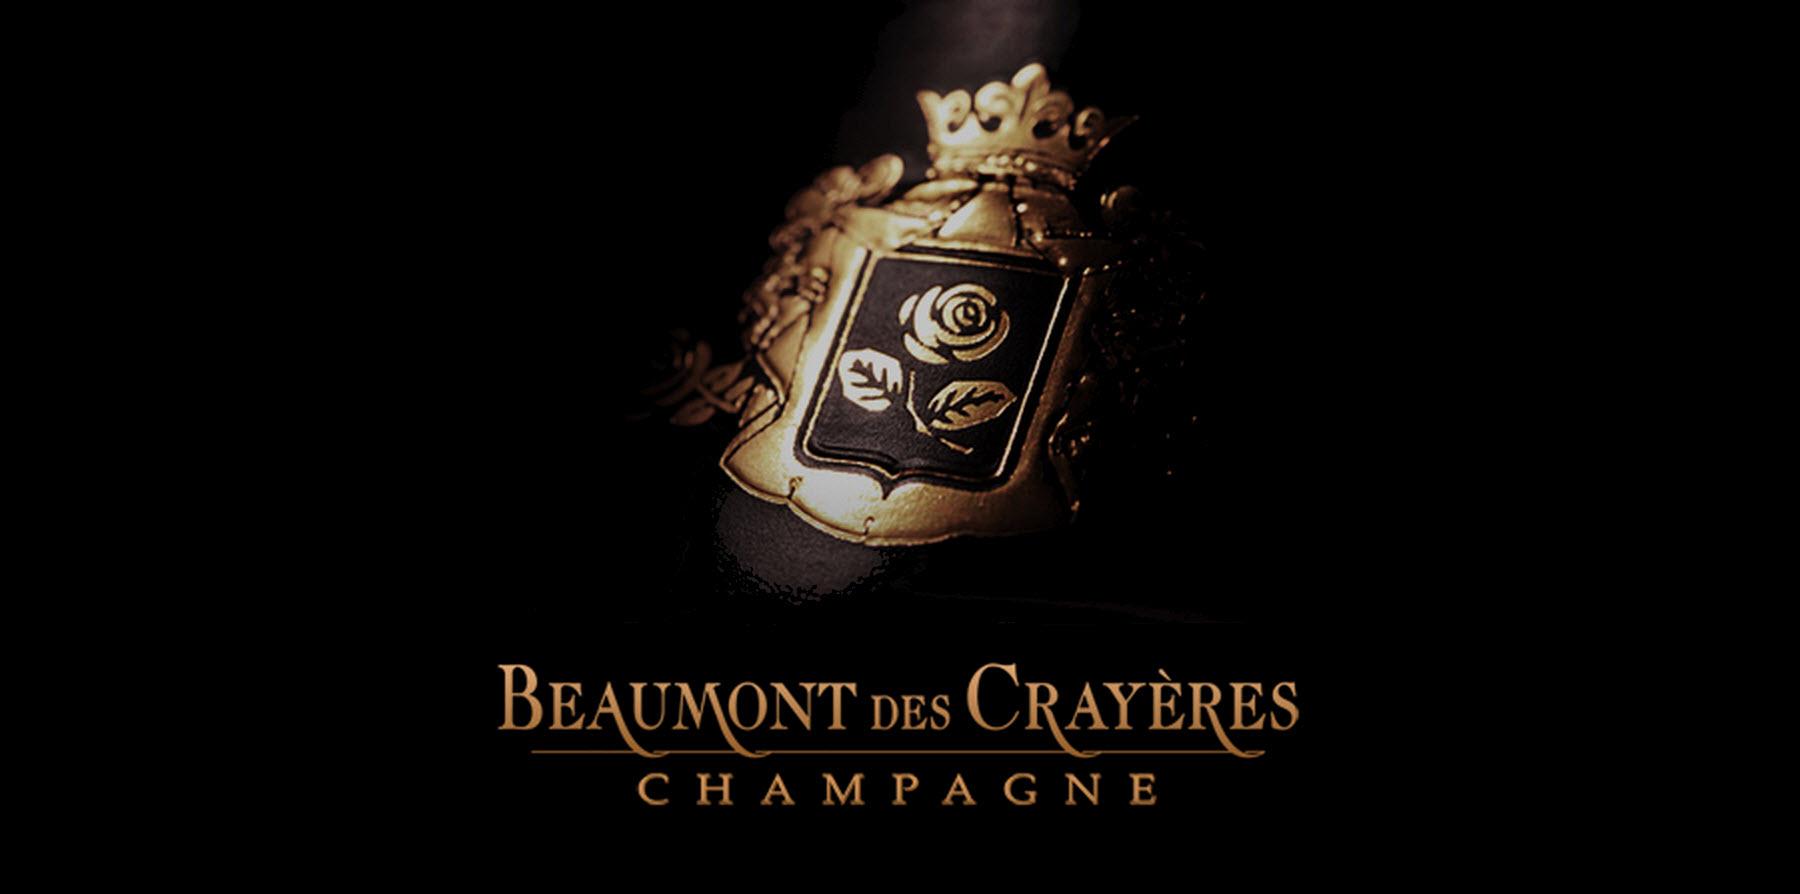 Champagne Beaumont des Crayeres